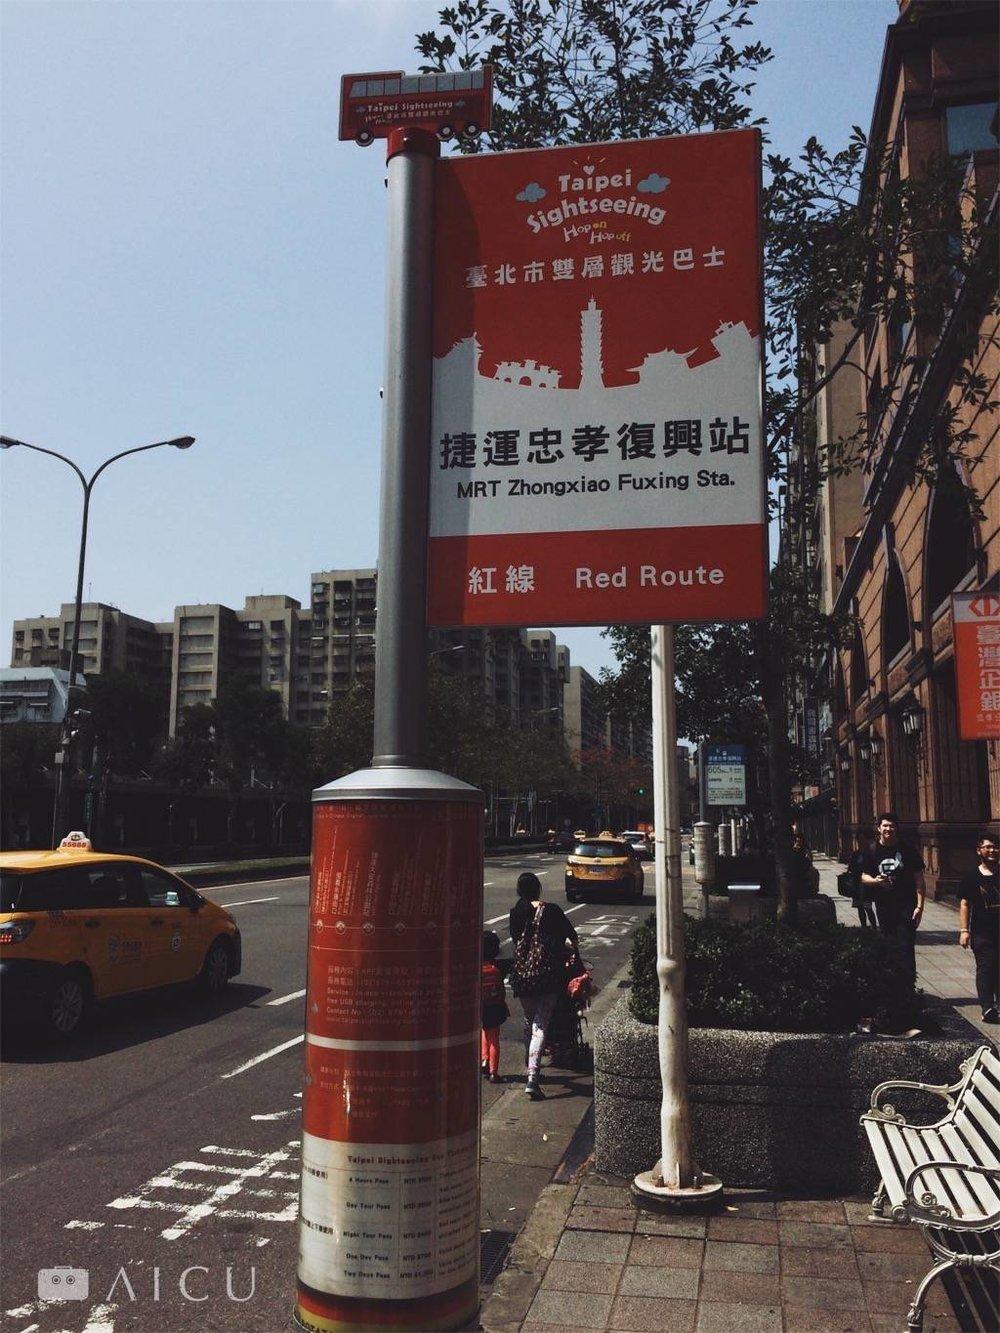 忠孝東路沿線以及台北車站M4出口都有紅色的觀光巴士站牌